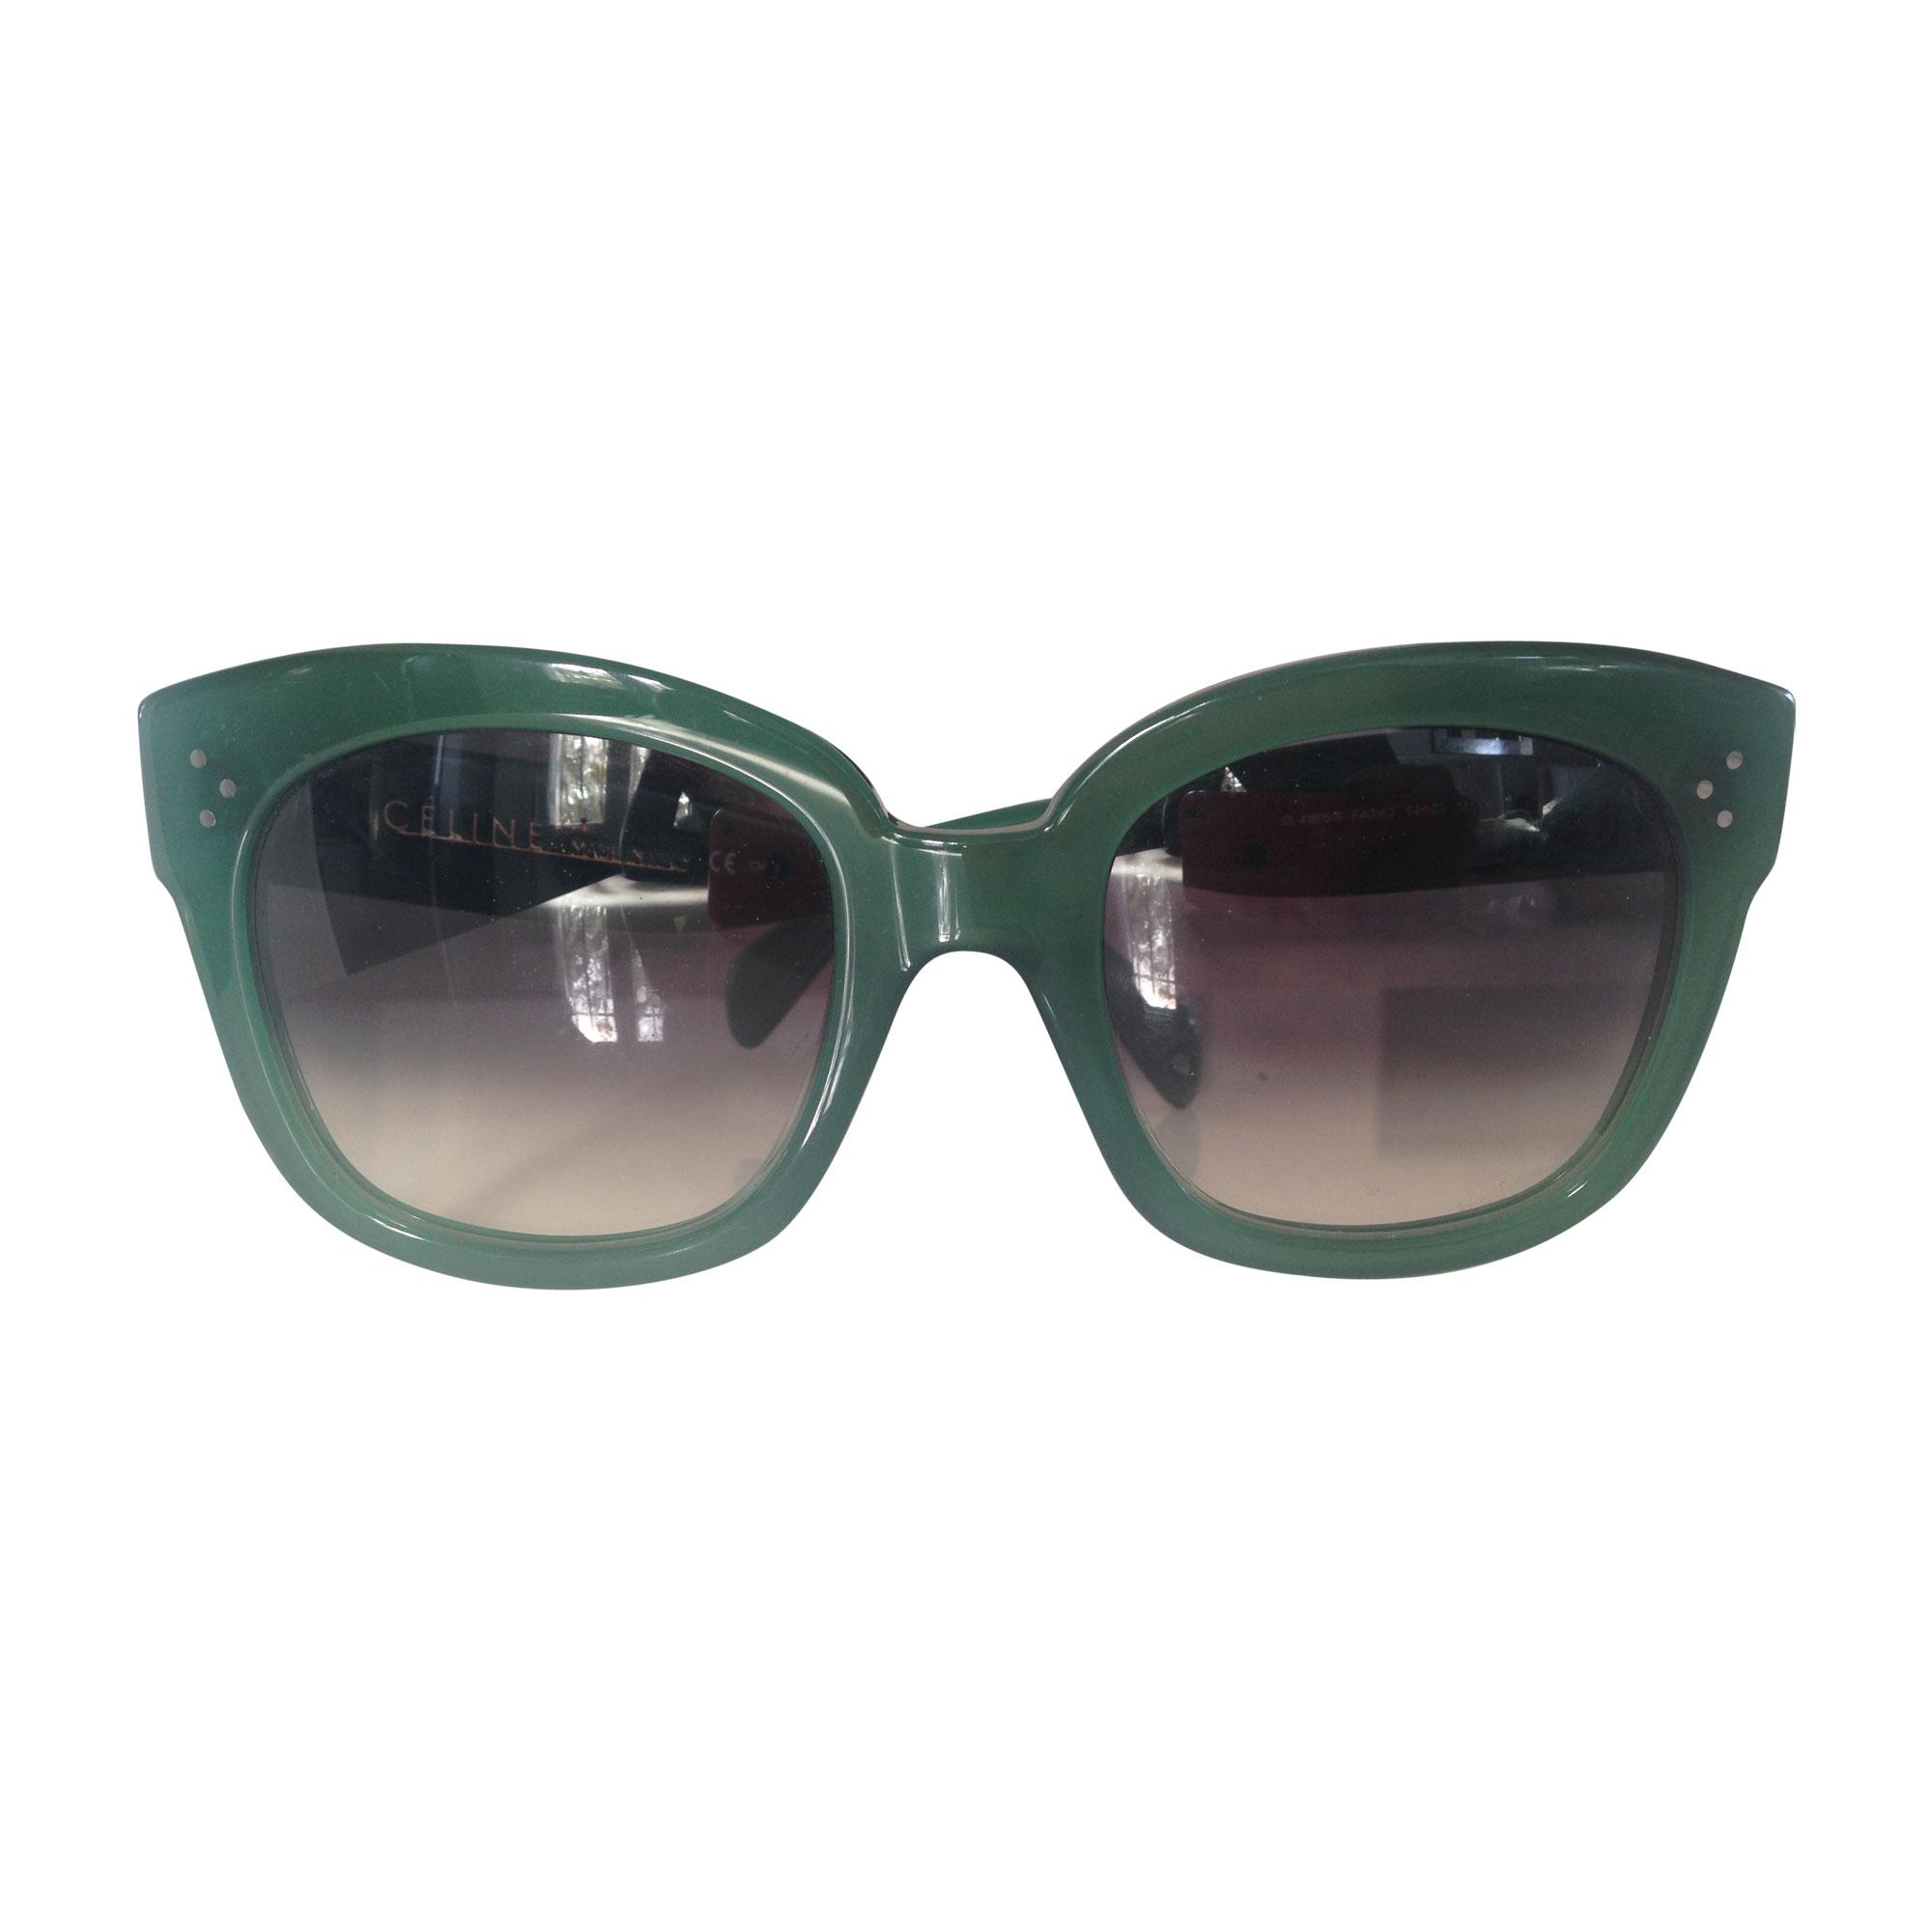 Lunettes de soleil CÉLINE audrey vert vendu par Apsa175504 - 4845494 f98f68cbfc02